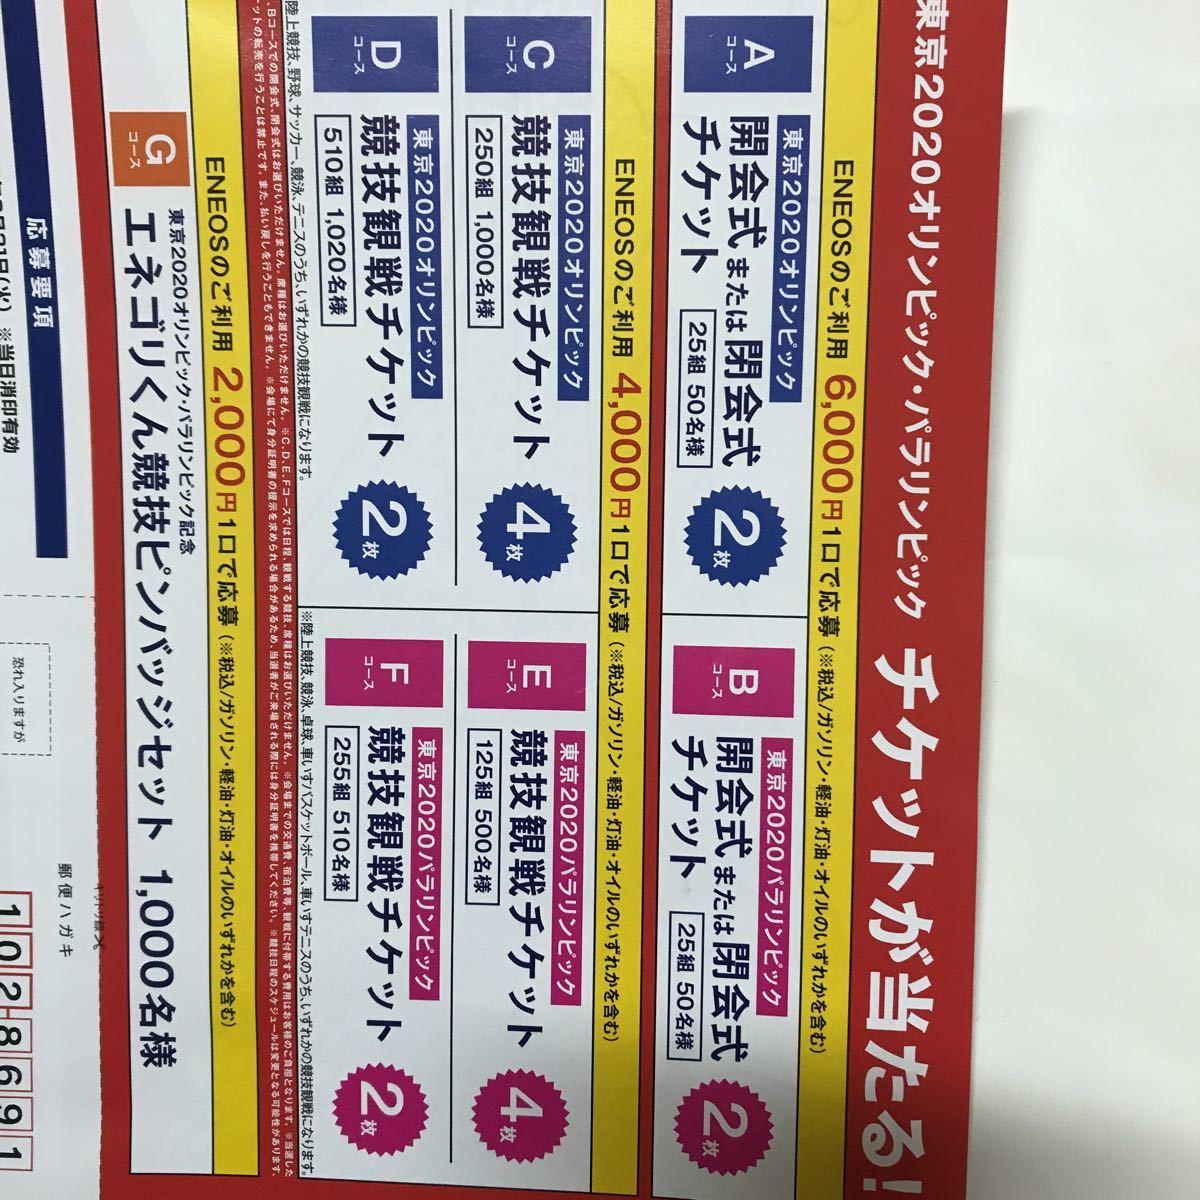 応援 Eneos キャンペーン 日本